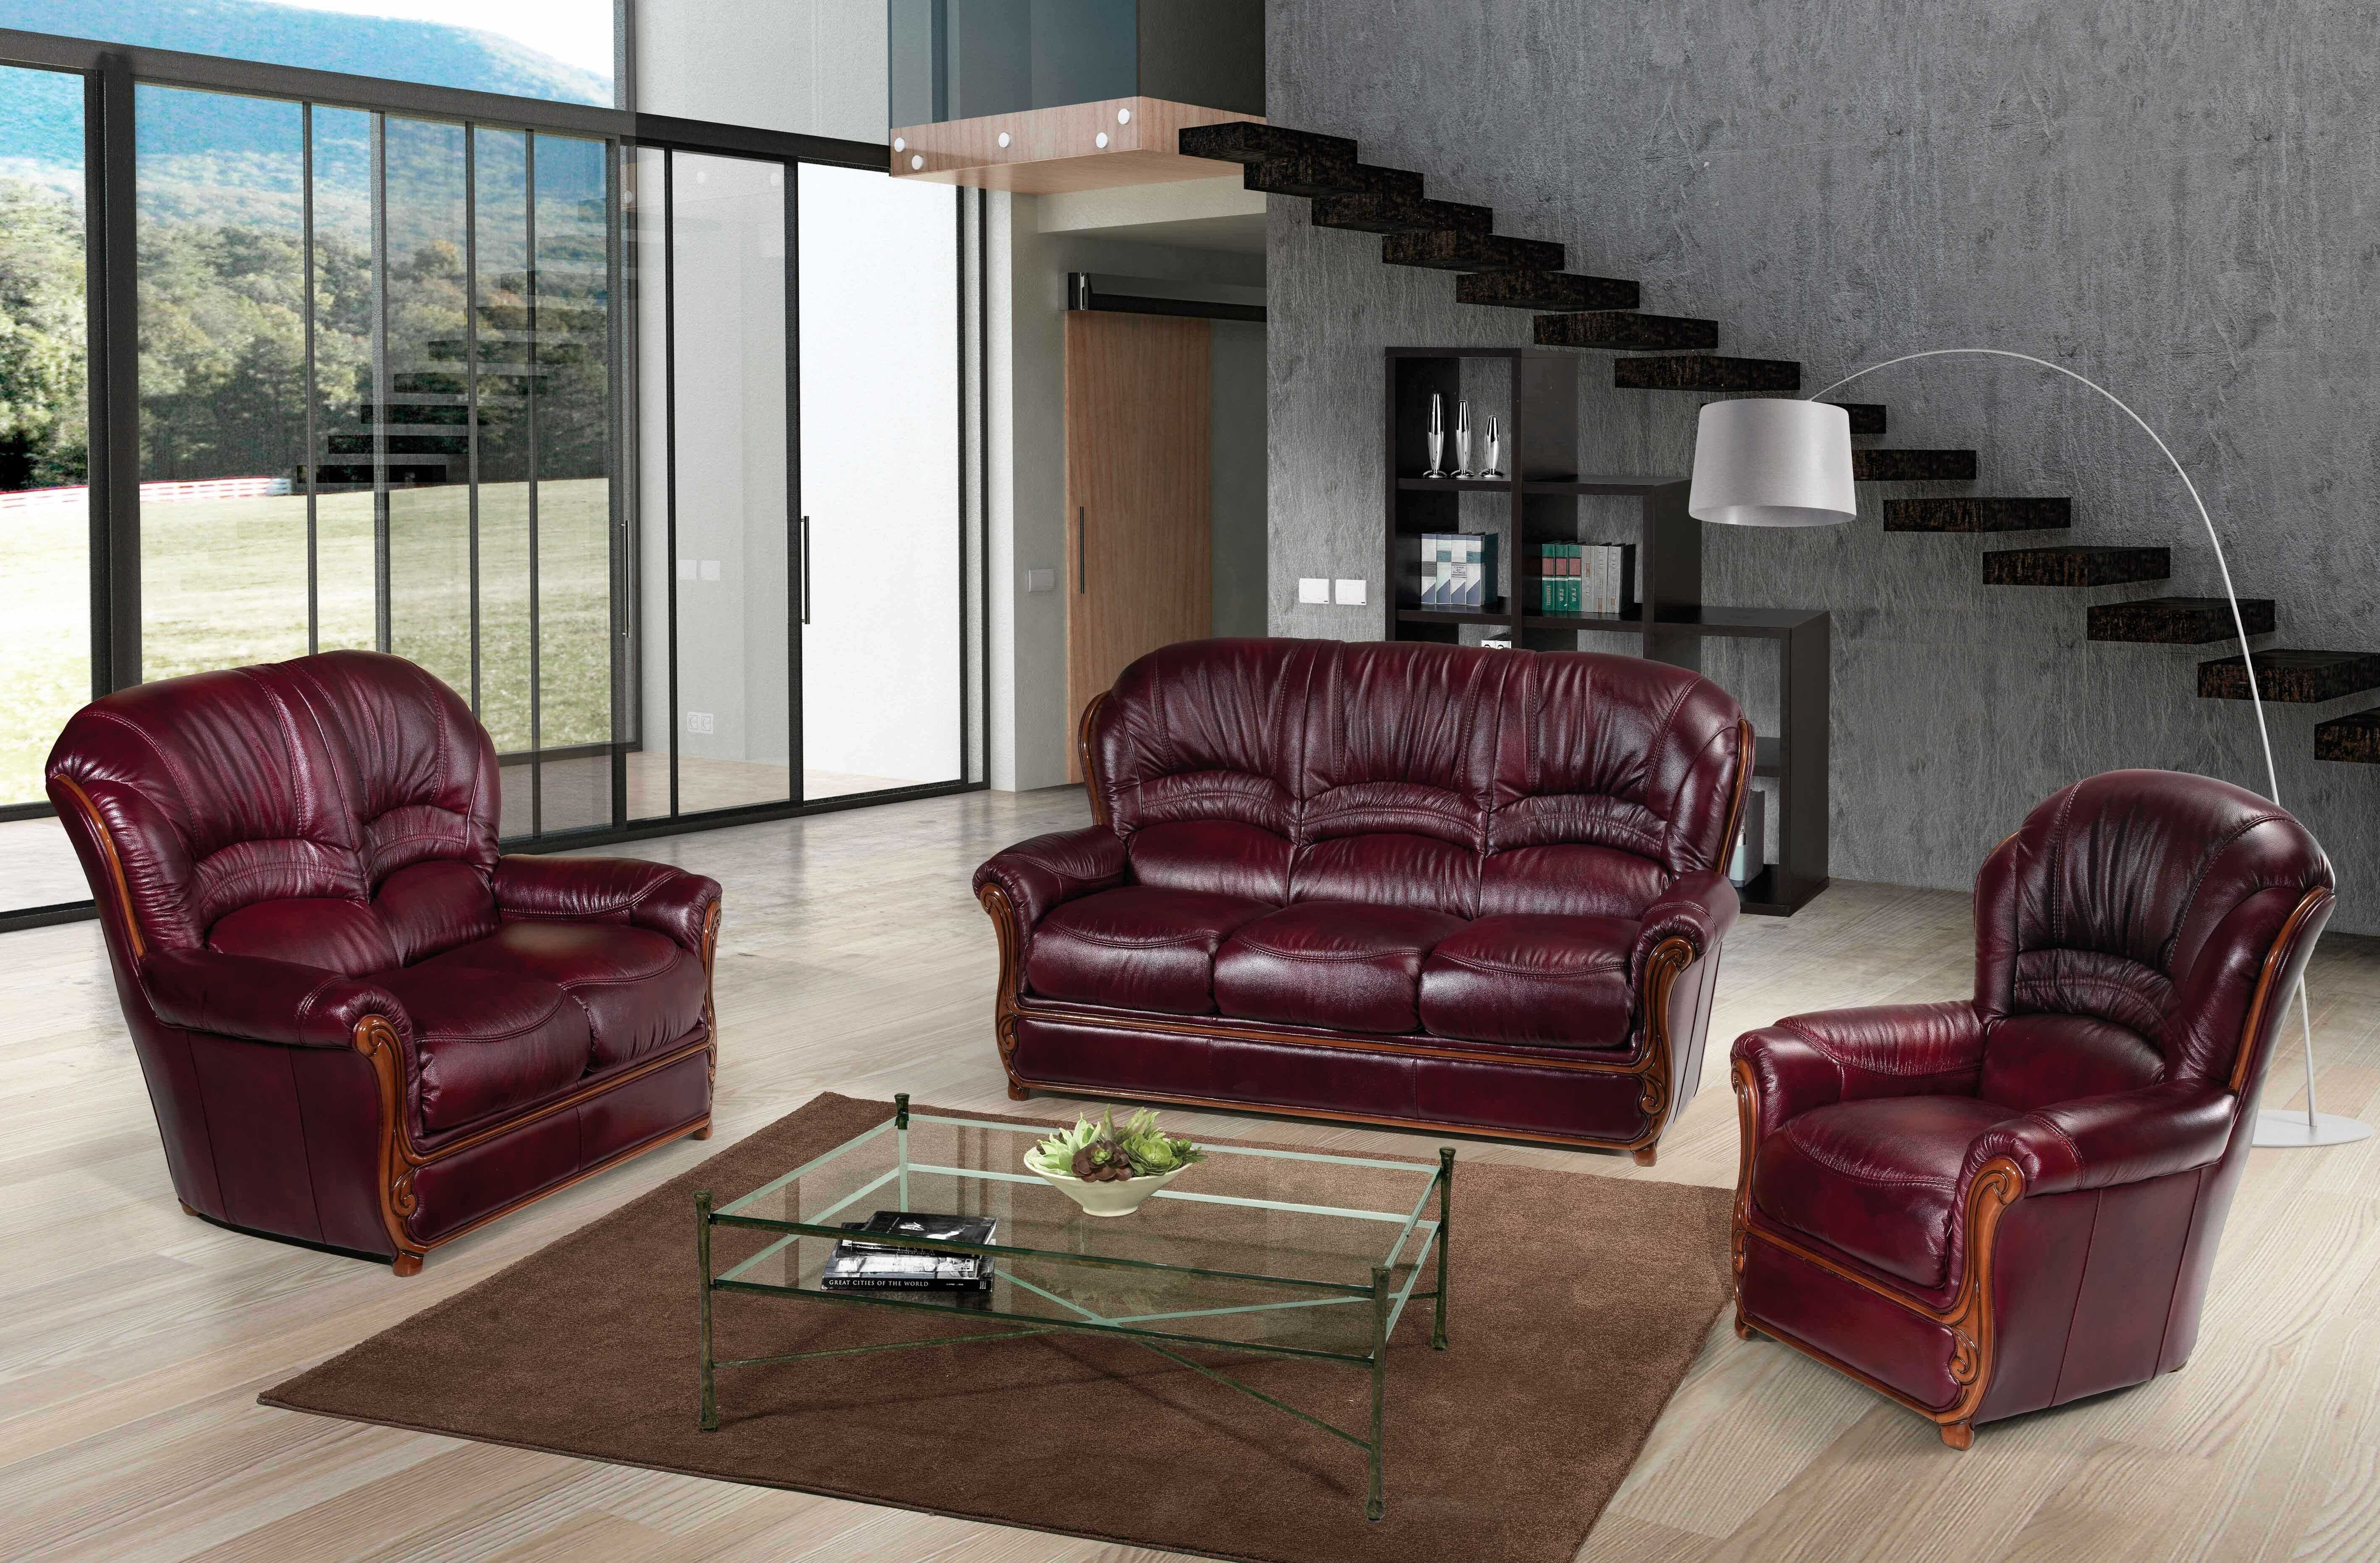 Fleur De Lis Living Leslie Configurable Living Room Set | Wayfair